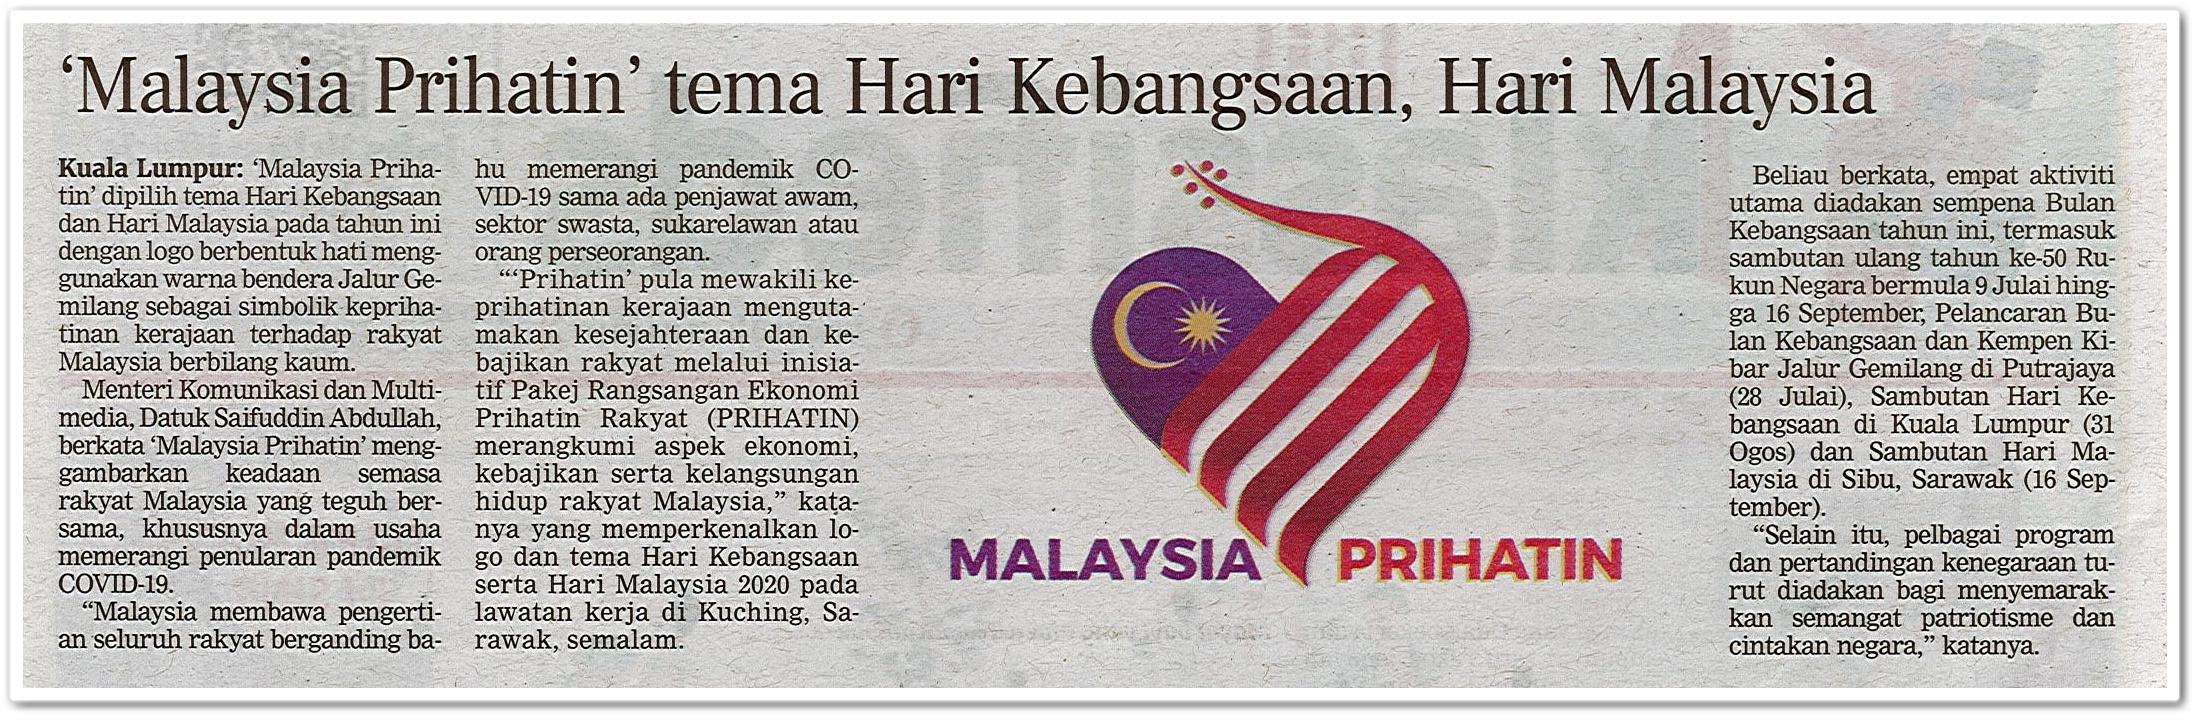 'Malaysia Prihatin' tema Hari Kebangsaan, Hari Malaysia - Keratan akhbar Berita Harian 11 Julai 2020